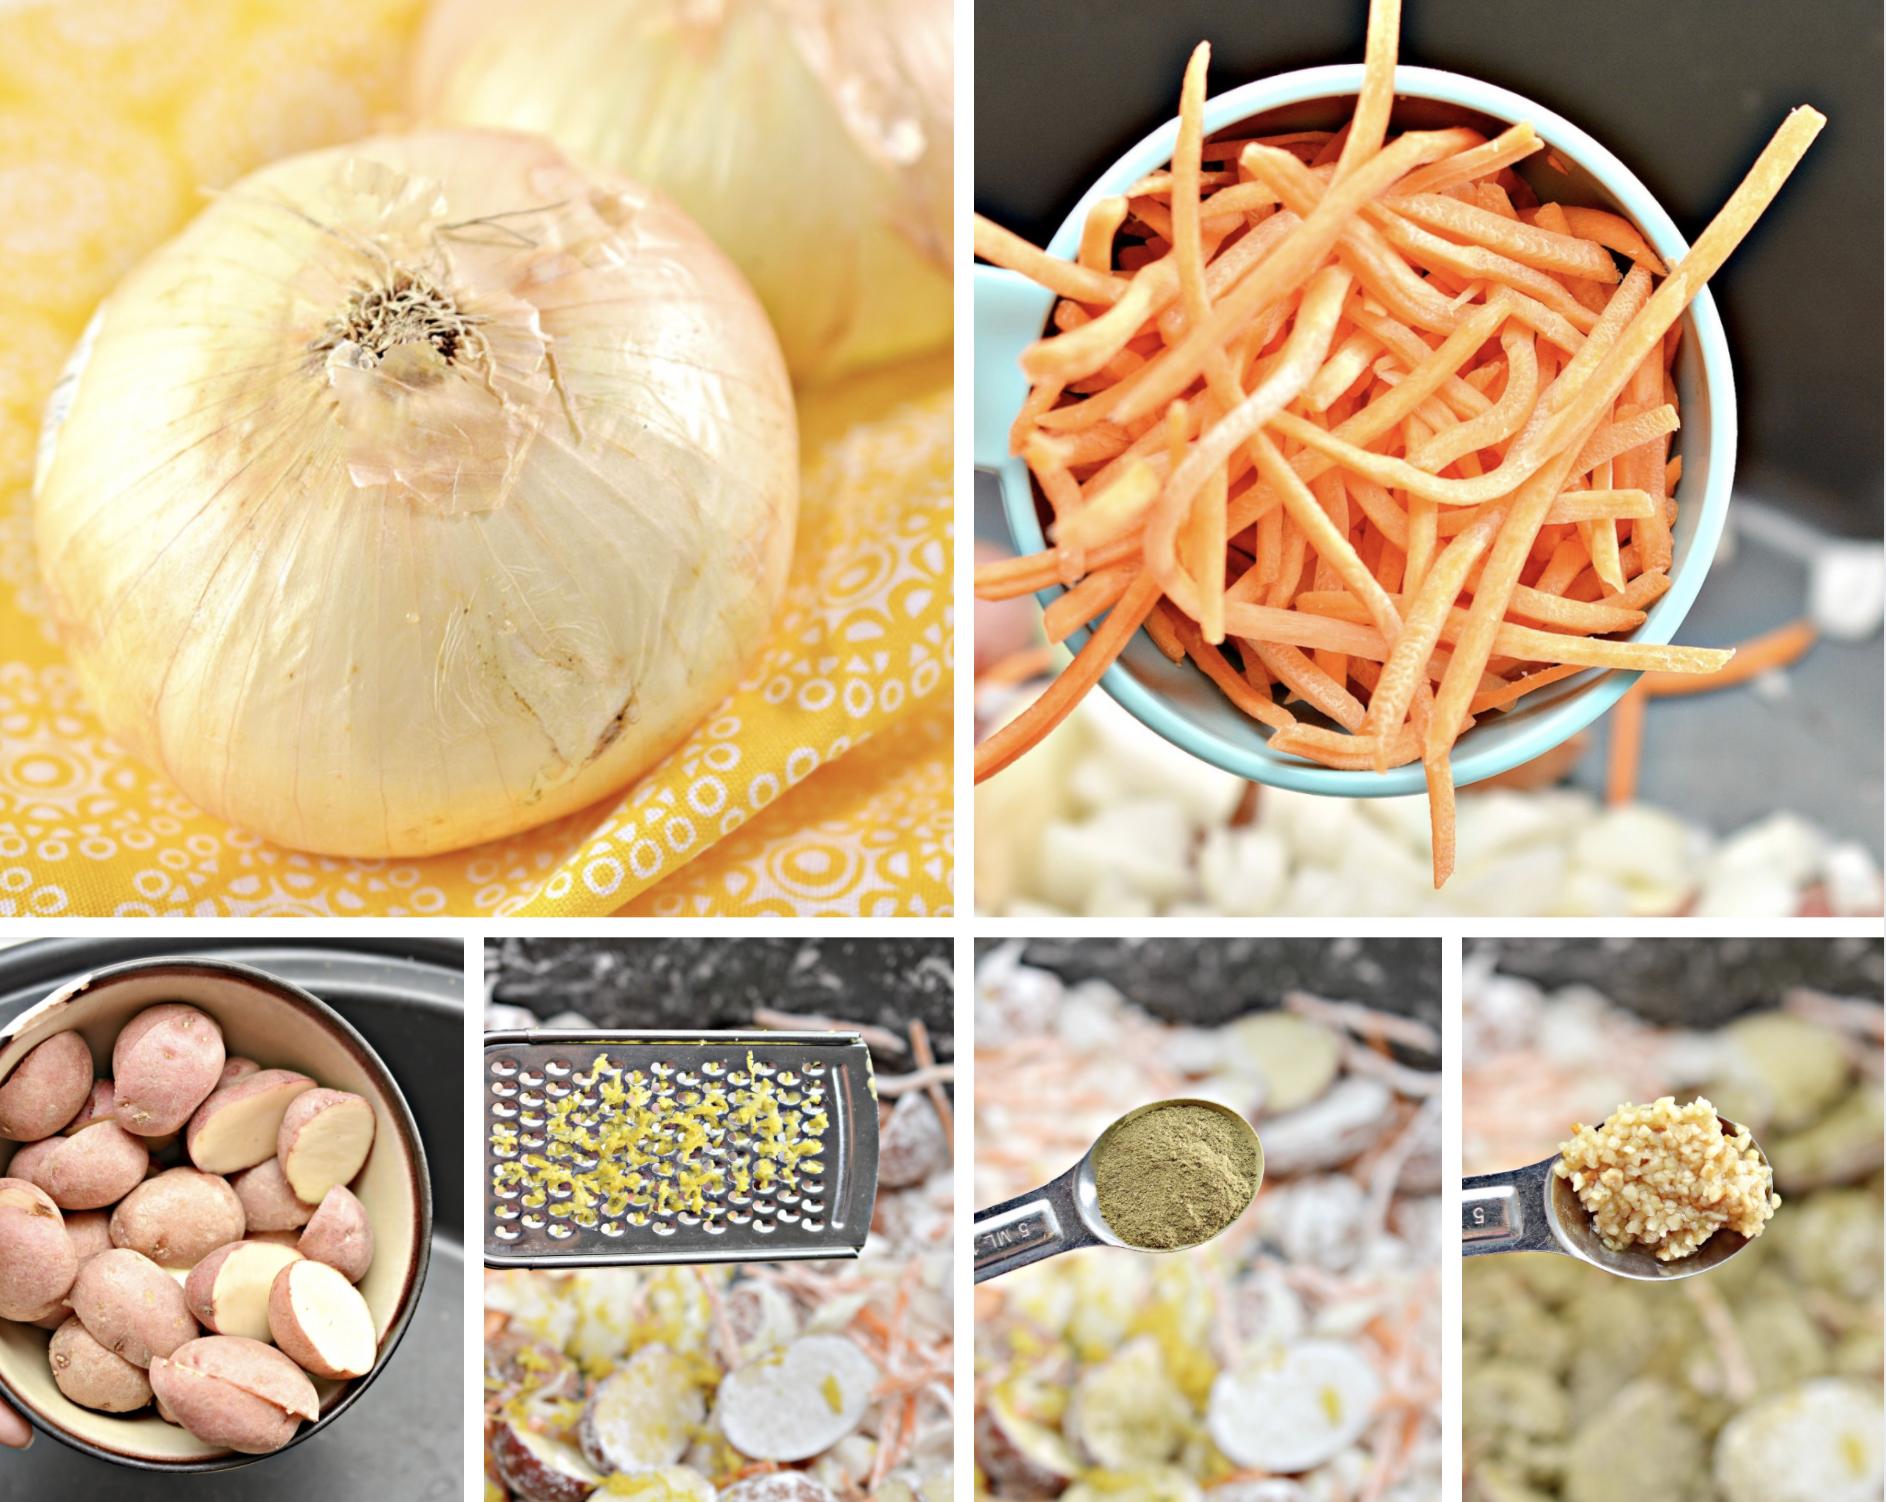 Chicken stew recipe ingredients